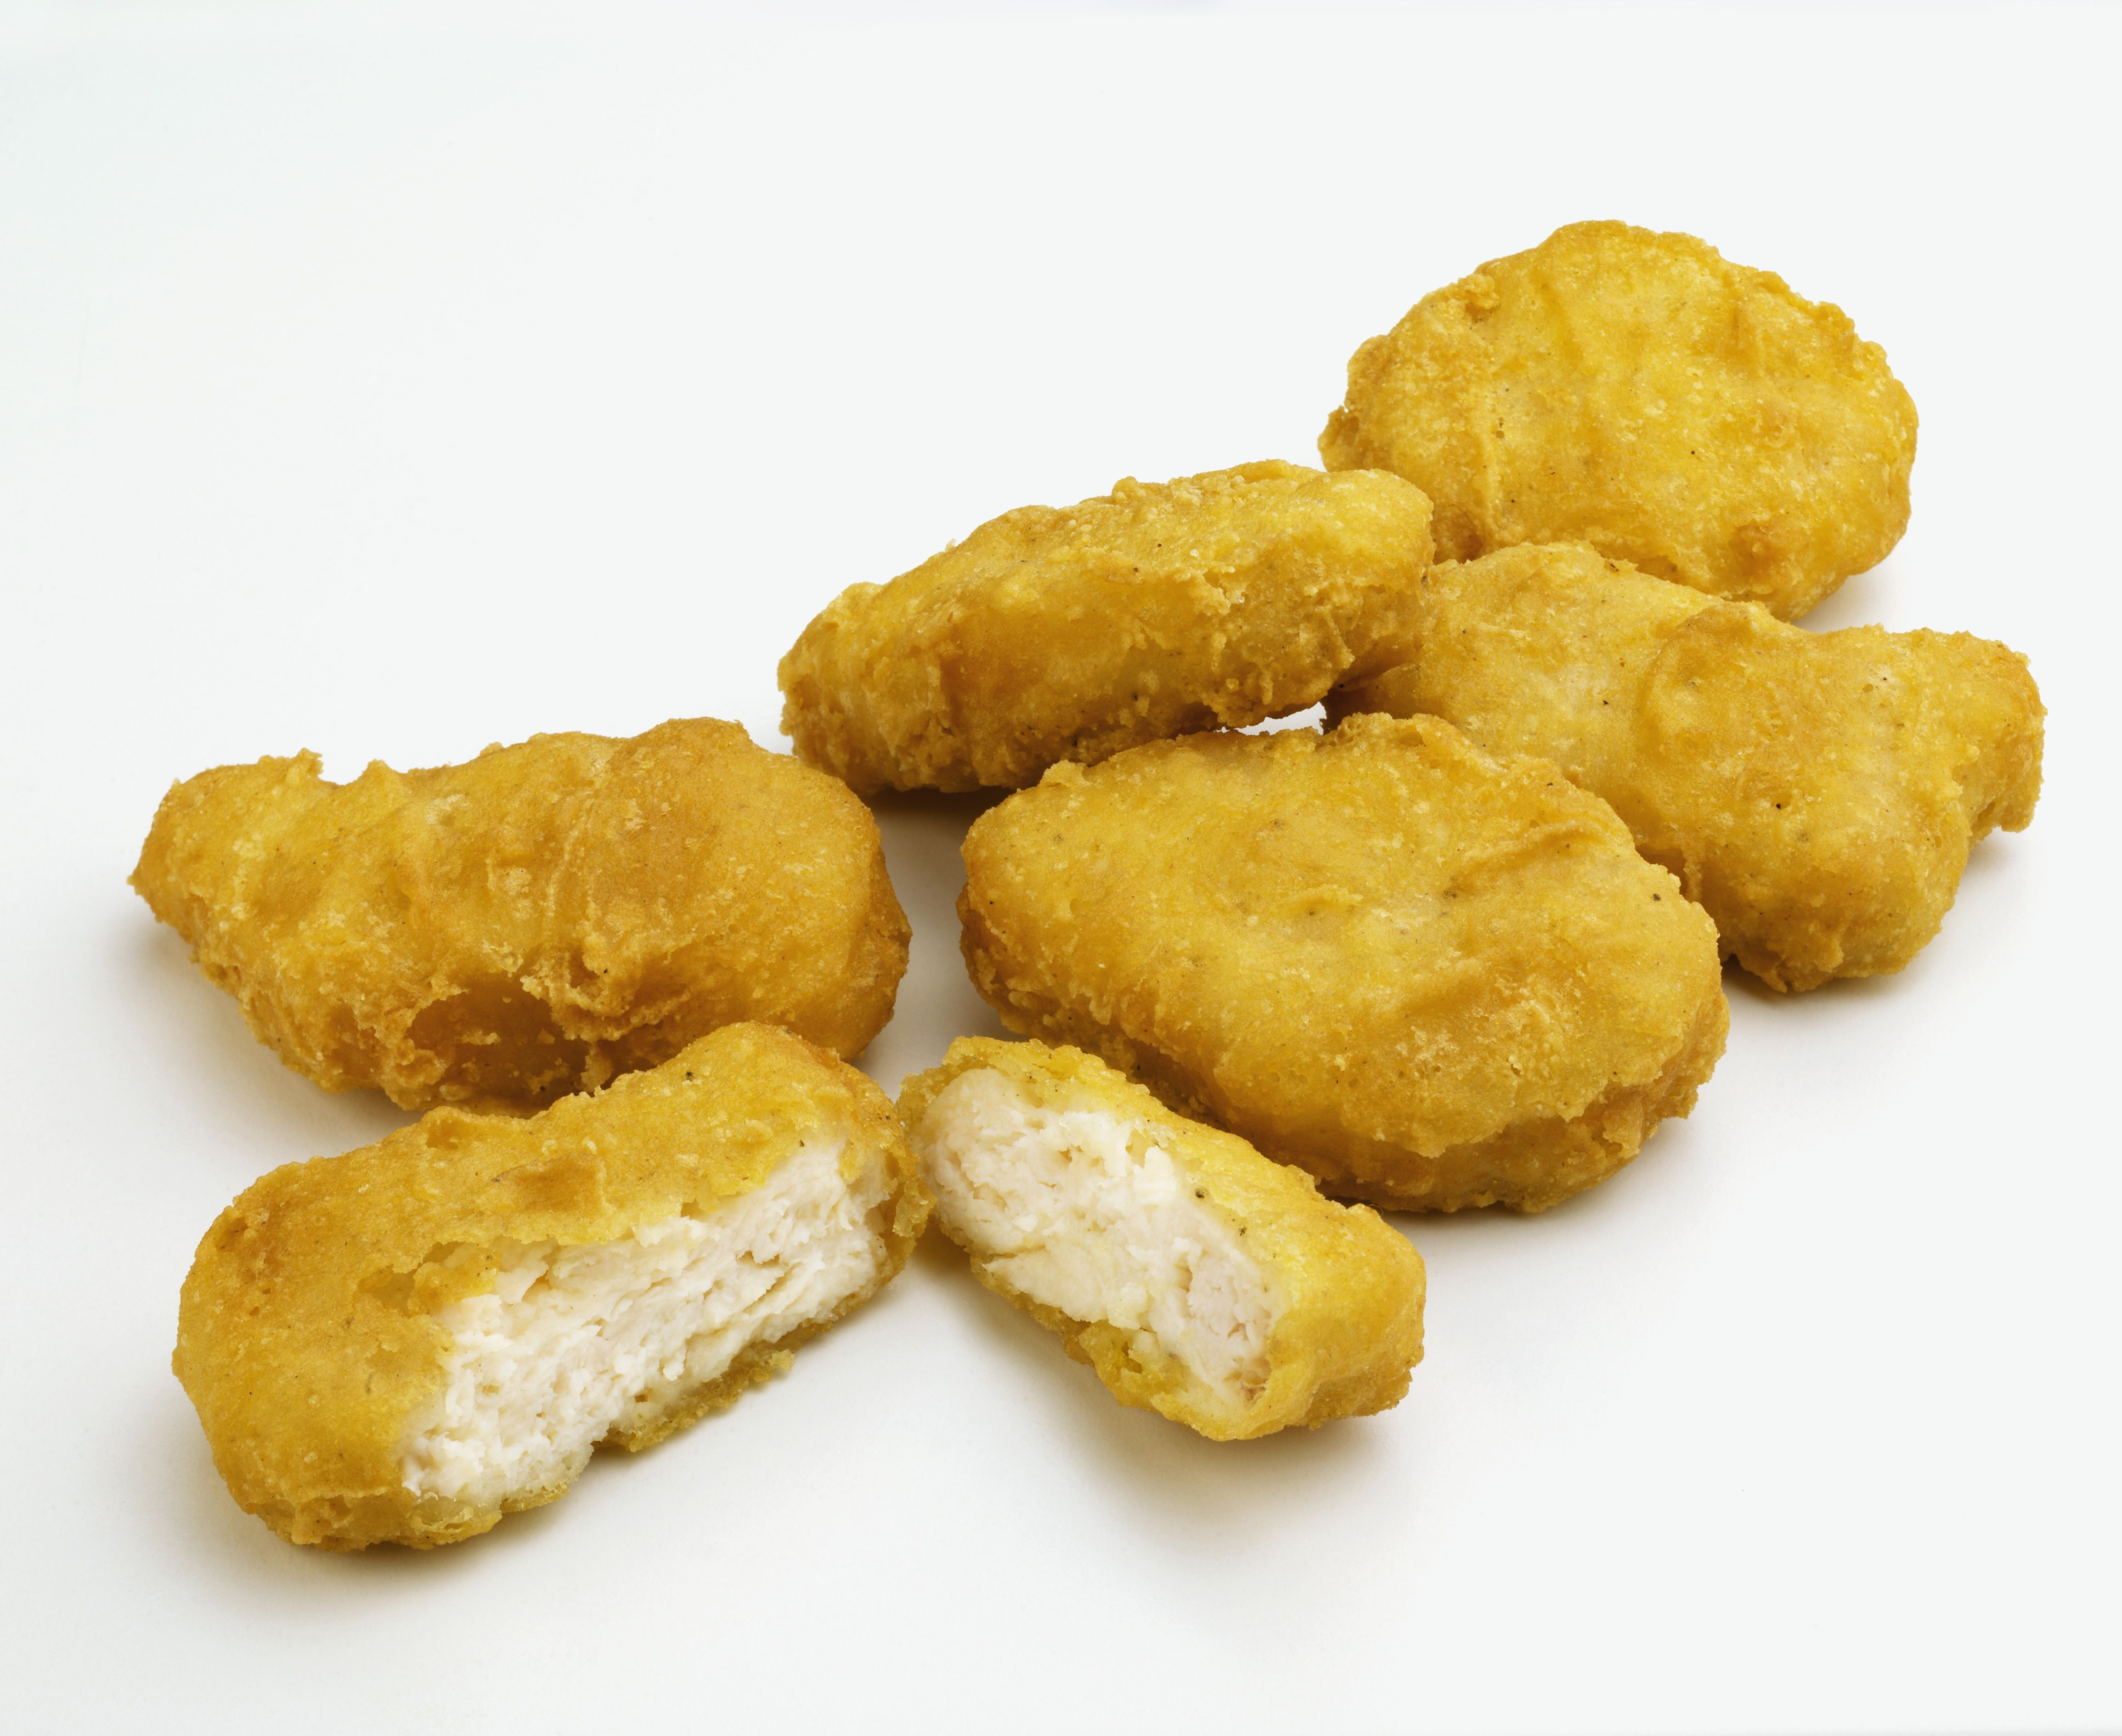 Mcdonalds Chicken Nugget